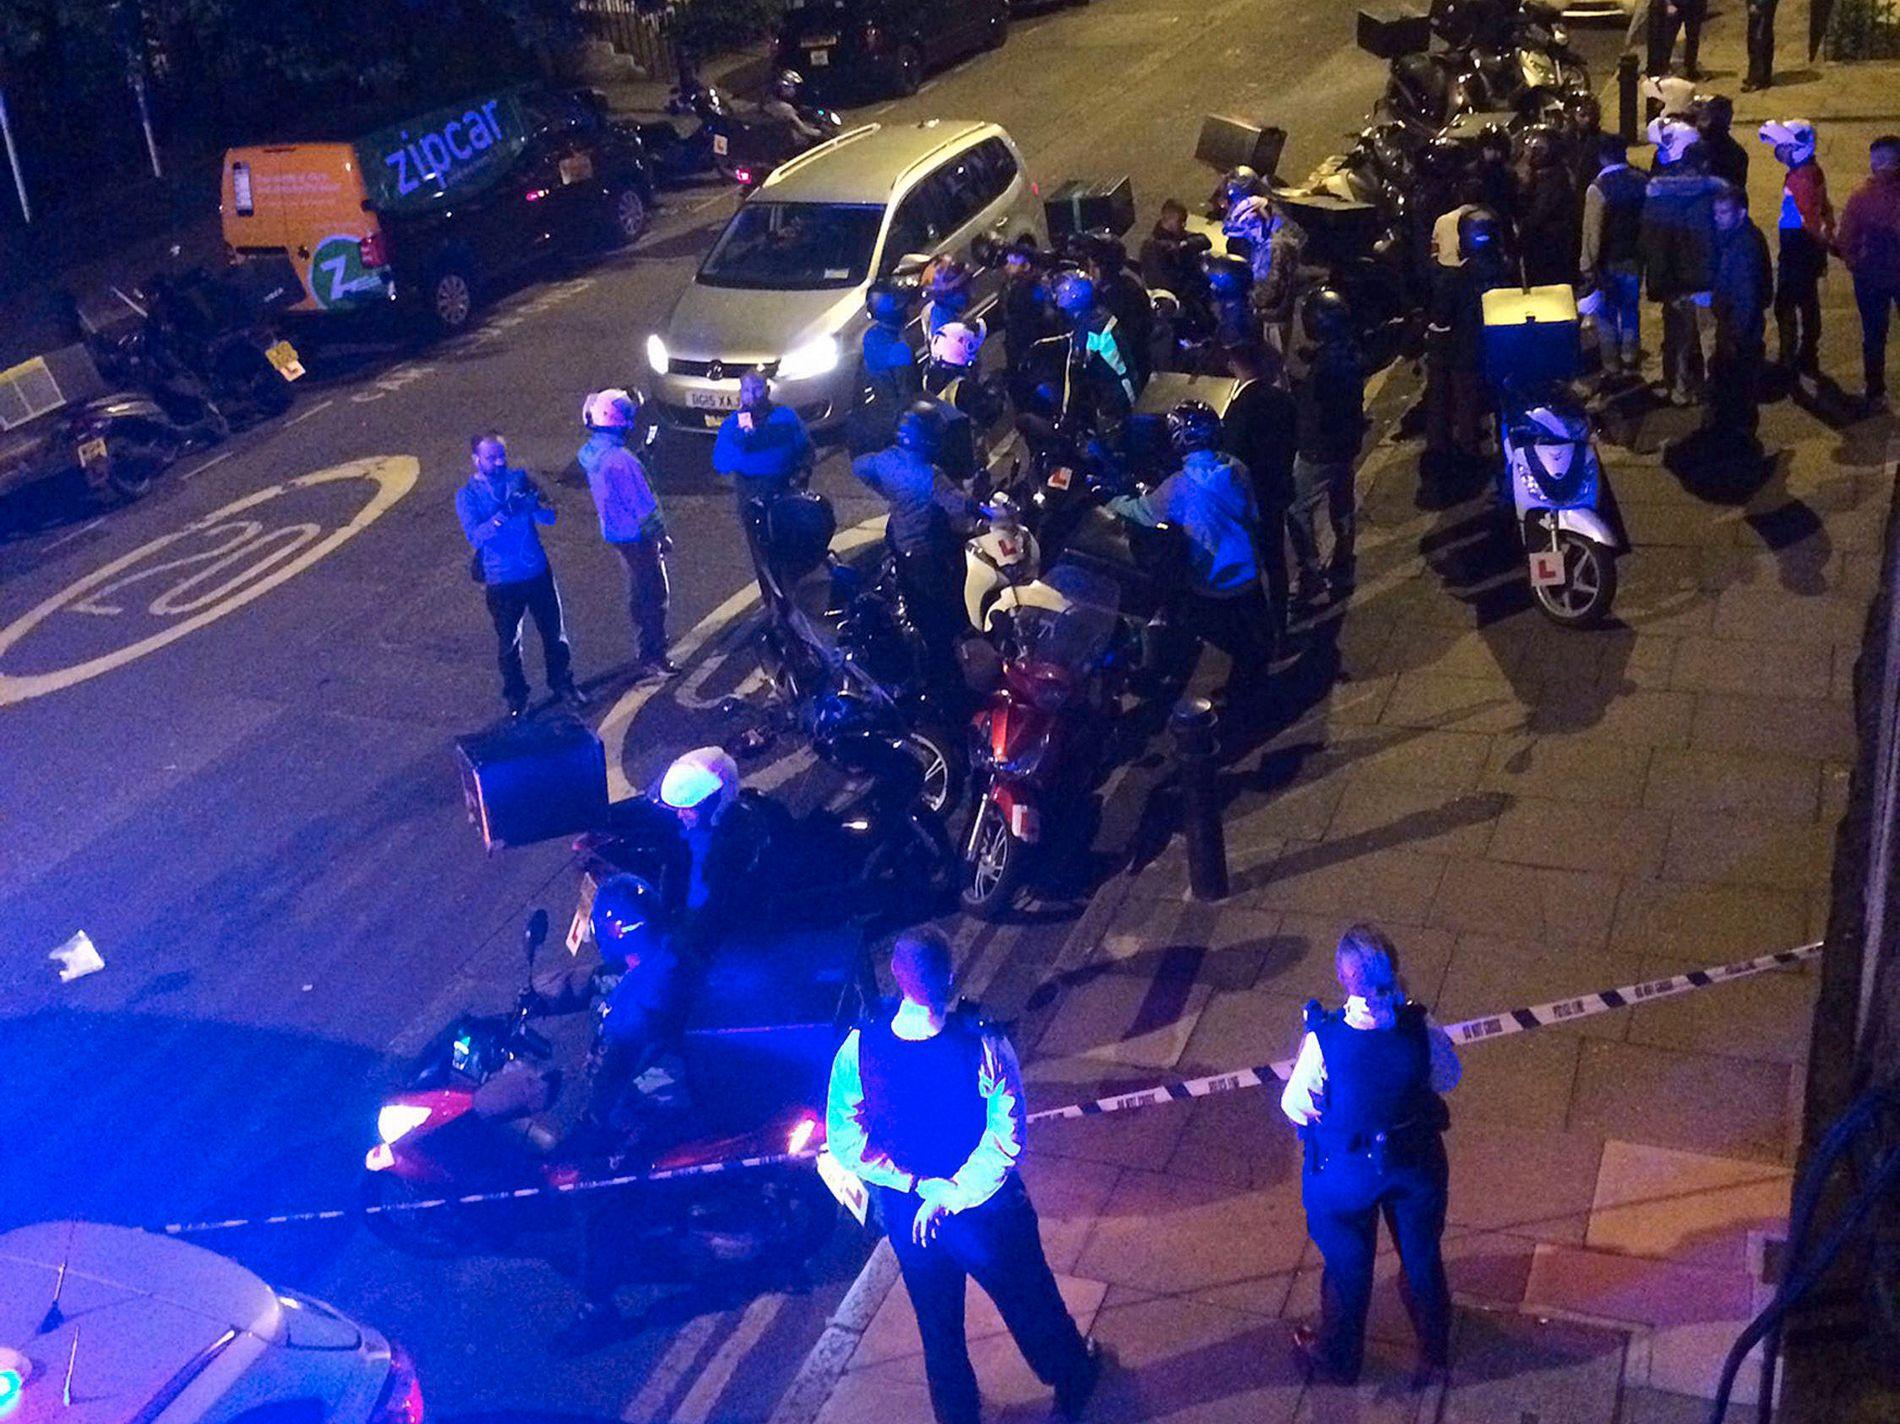 SAMMENHENG: Bildet viser åstedet for et syreangrep i London tidlig torsdag morgen. Politiet sier at de fem syreangrep ble utført av menn på mopeder har en sammenheng.